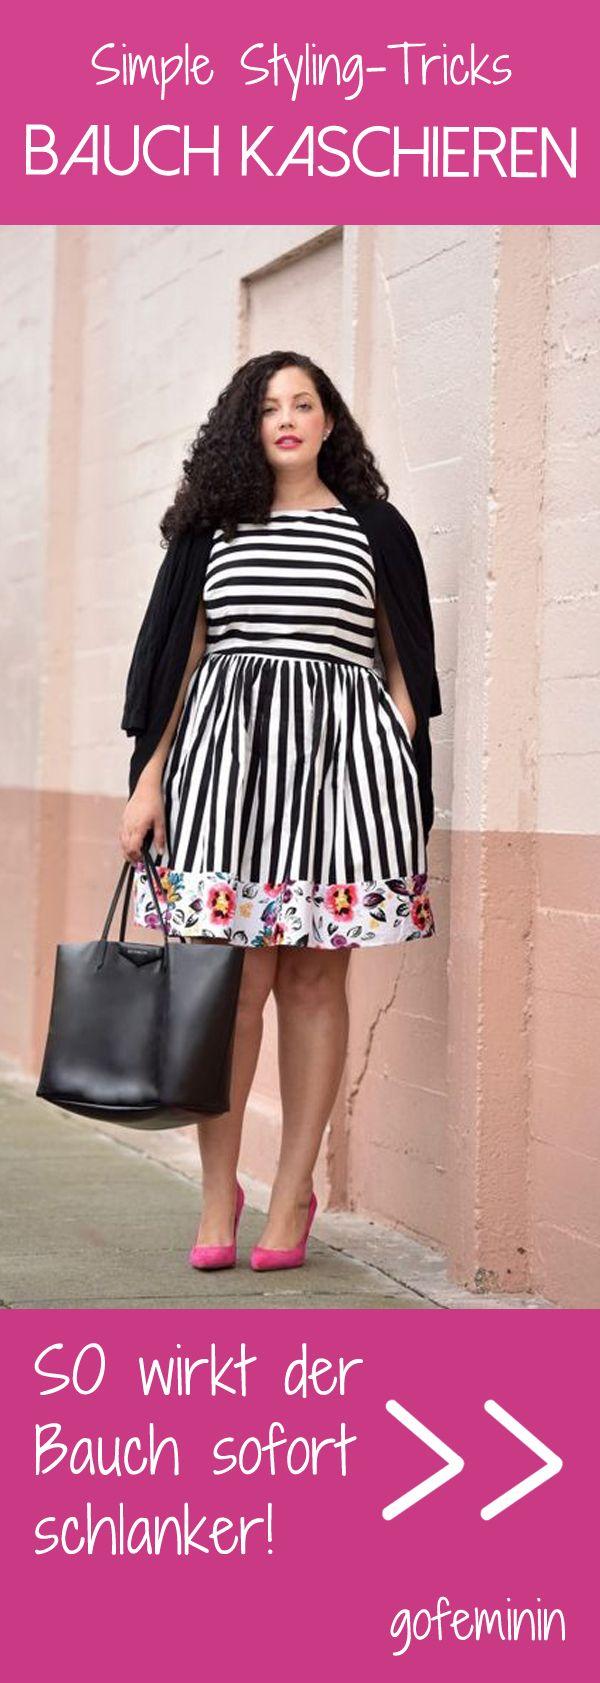 Das Kleid sieht super aus.